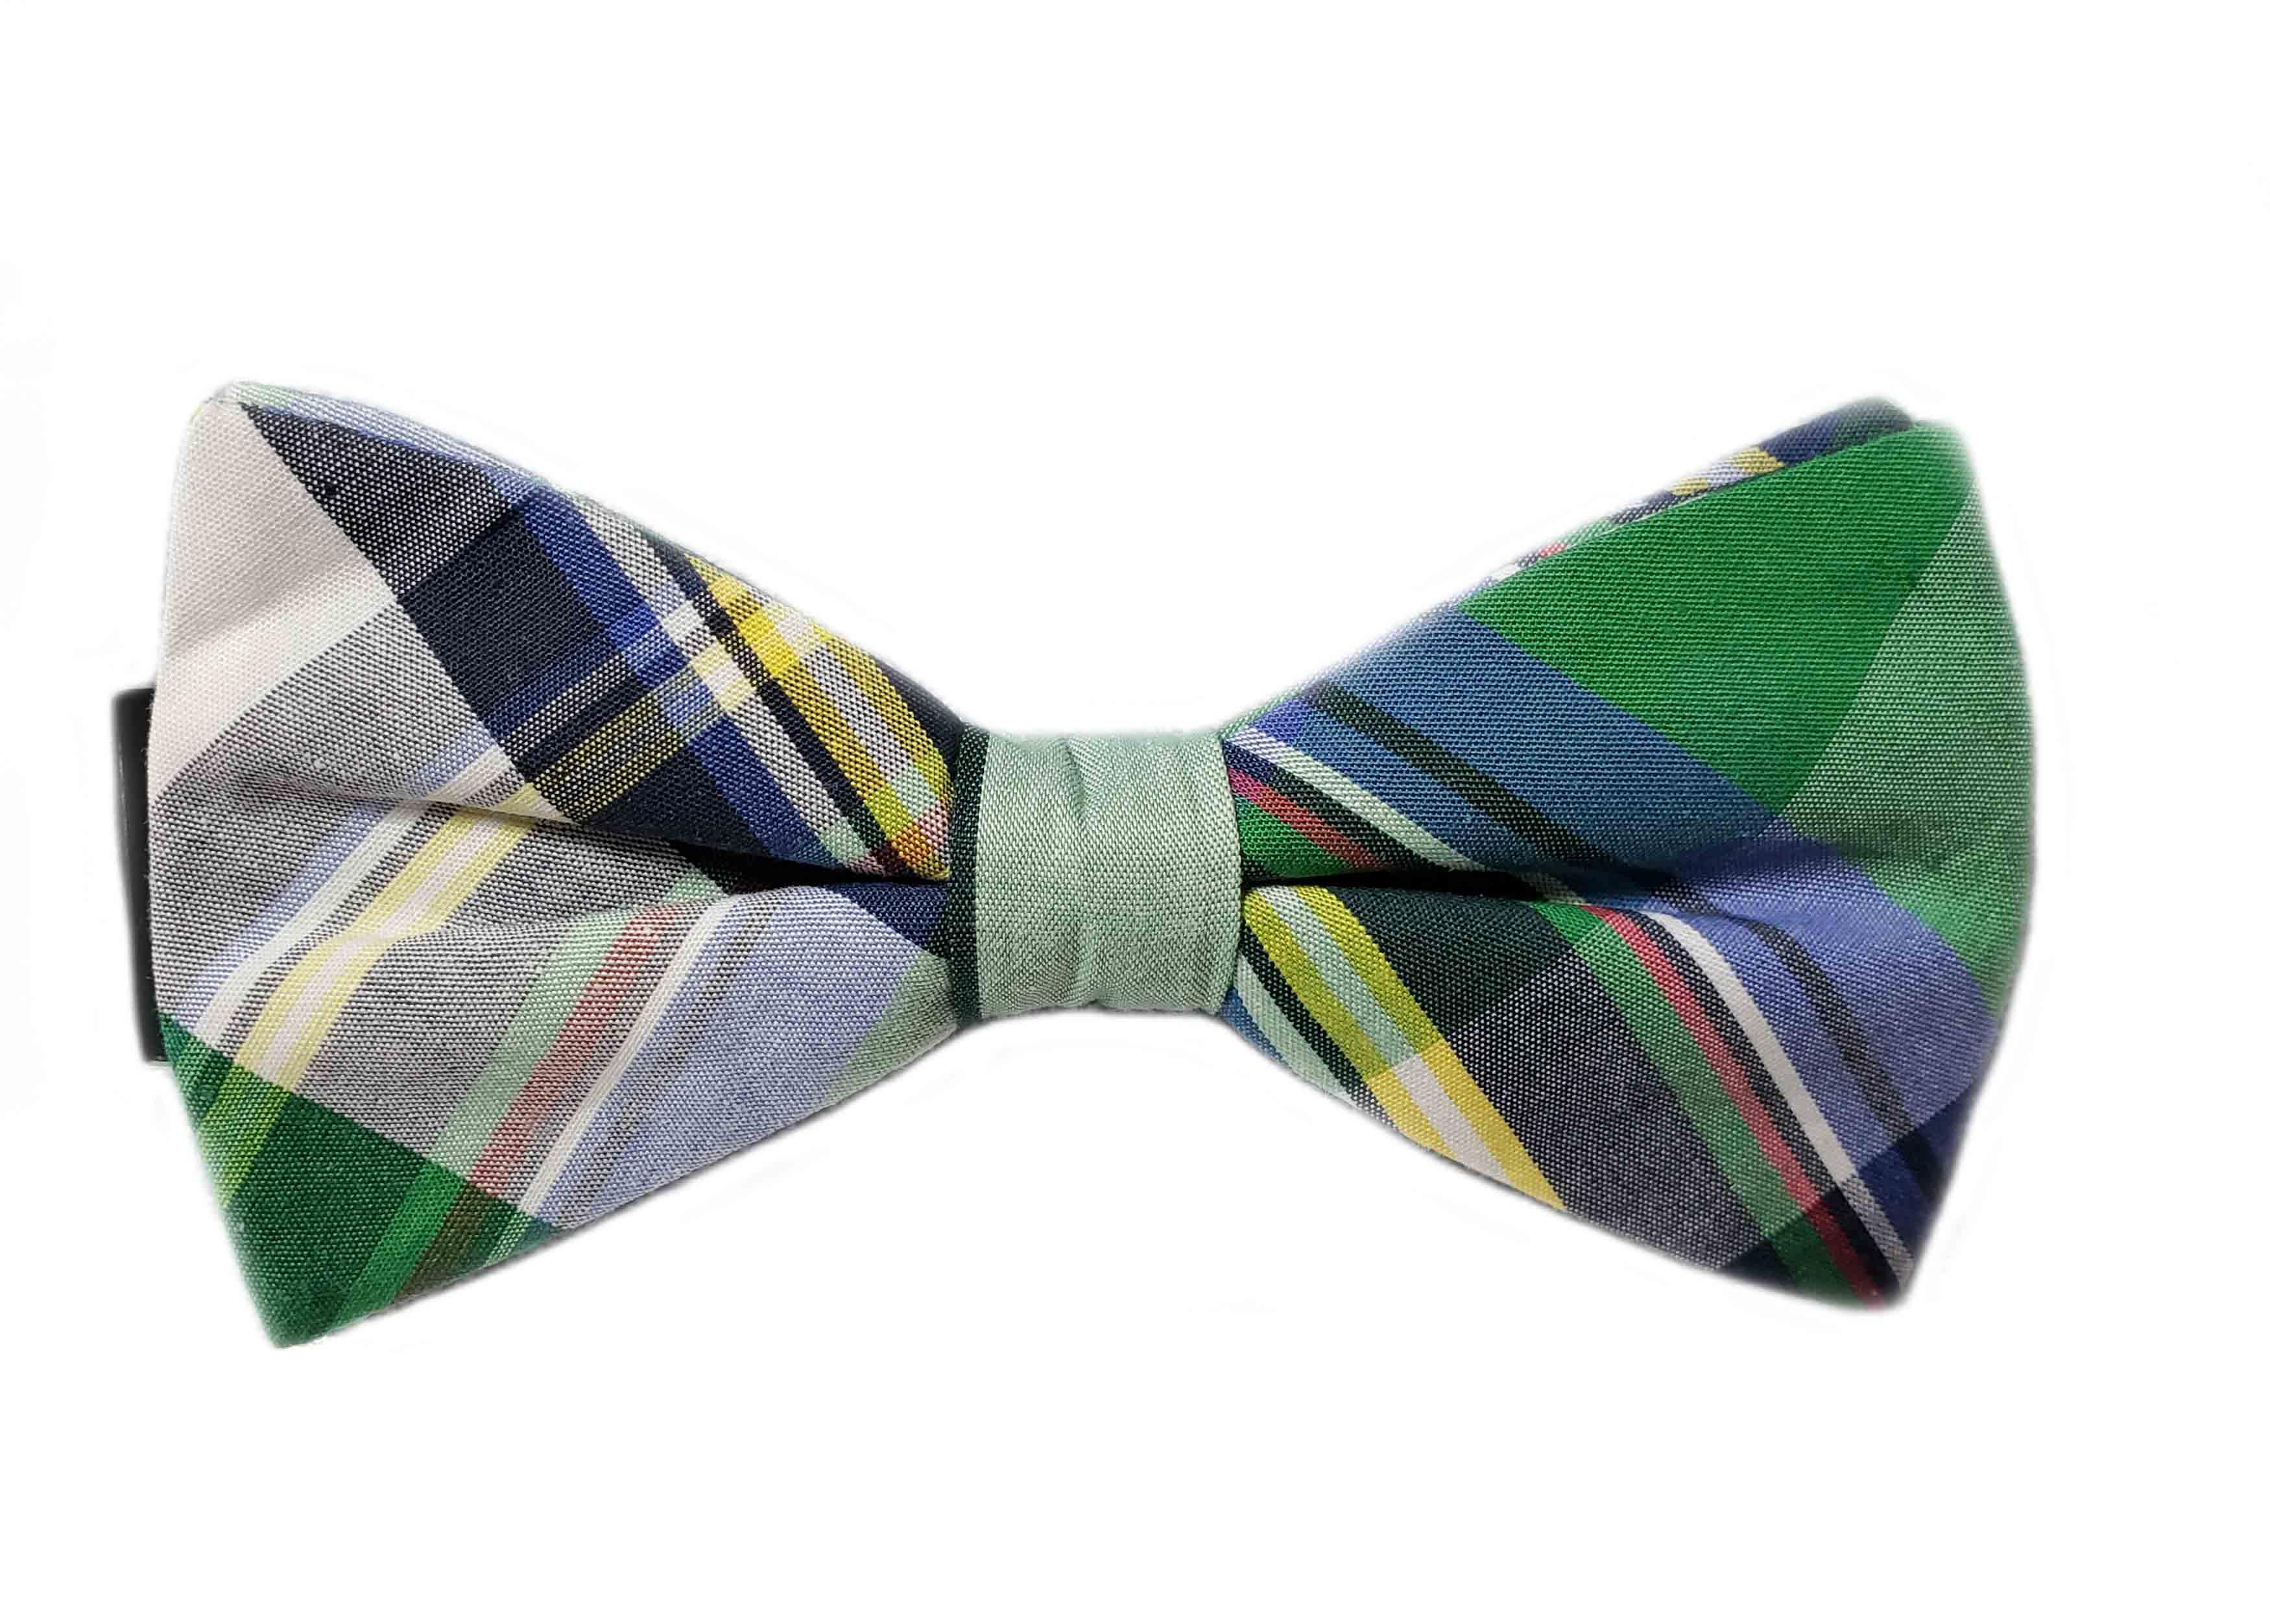 Gascoigne Plaid Cotton Bow Tie Green Blue Yellow Gray White Men's OS